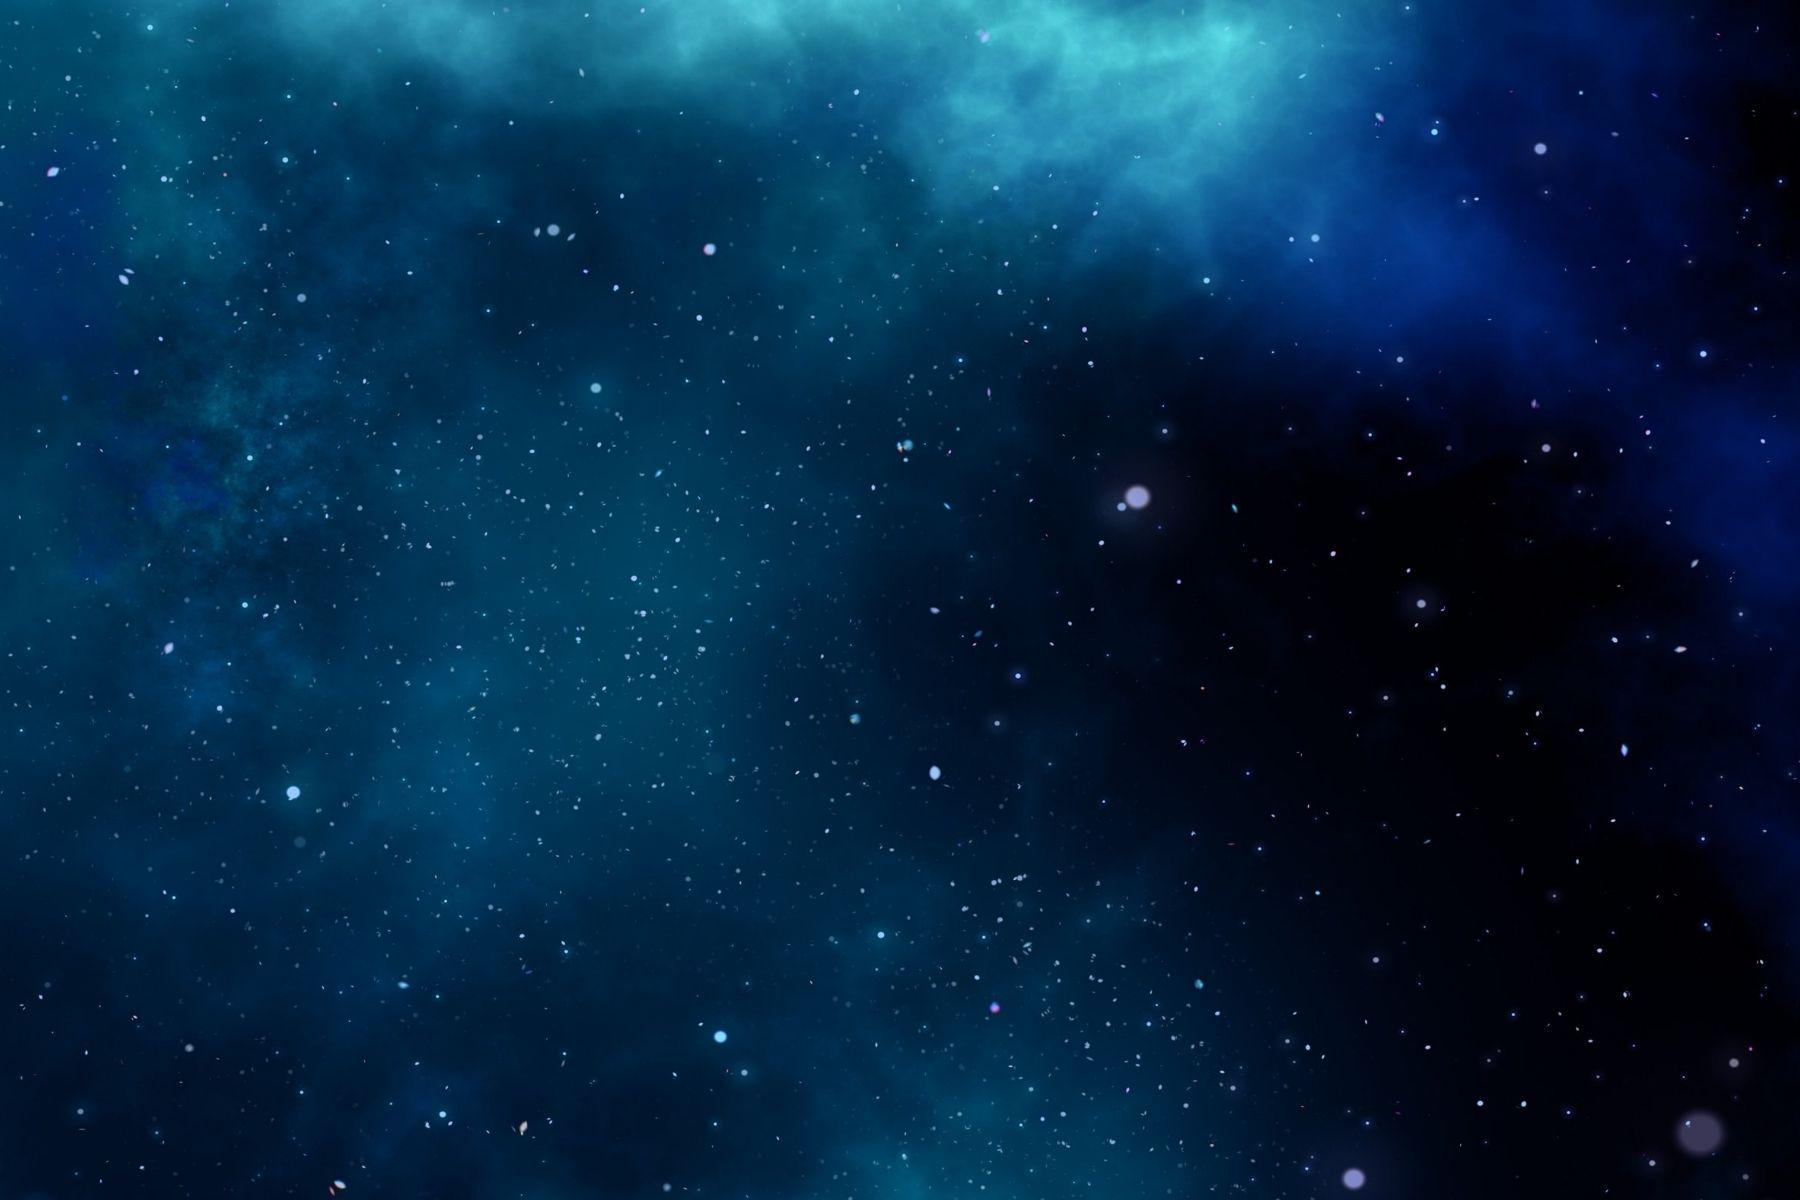 قسمت 12: بیرون جهان کائنات چیست؟